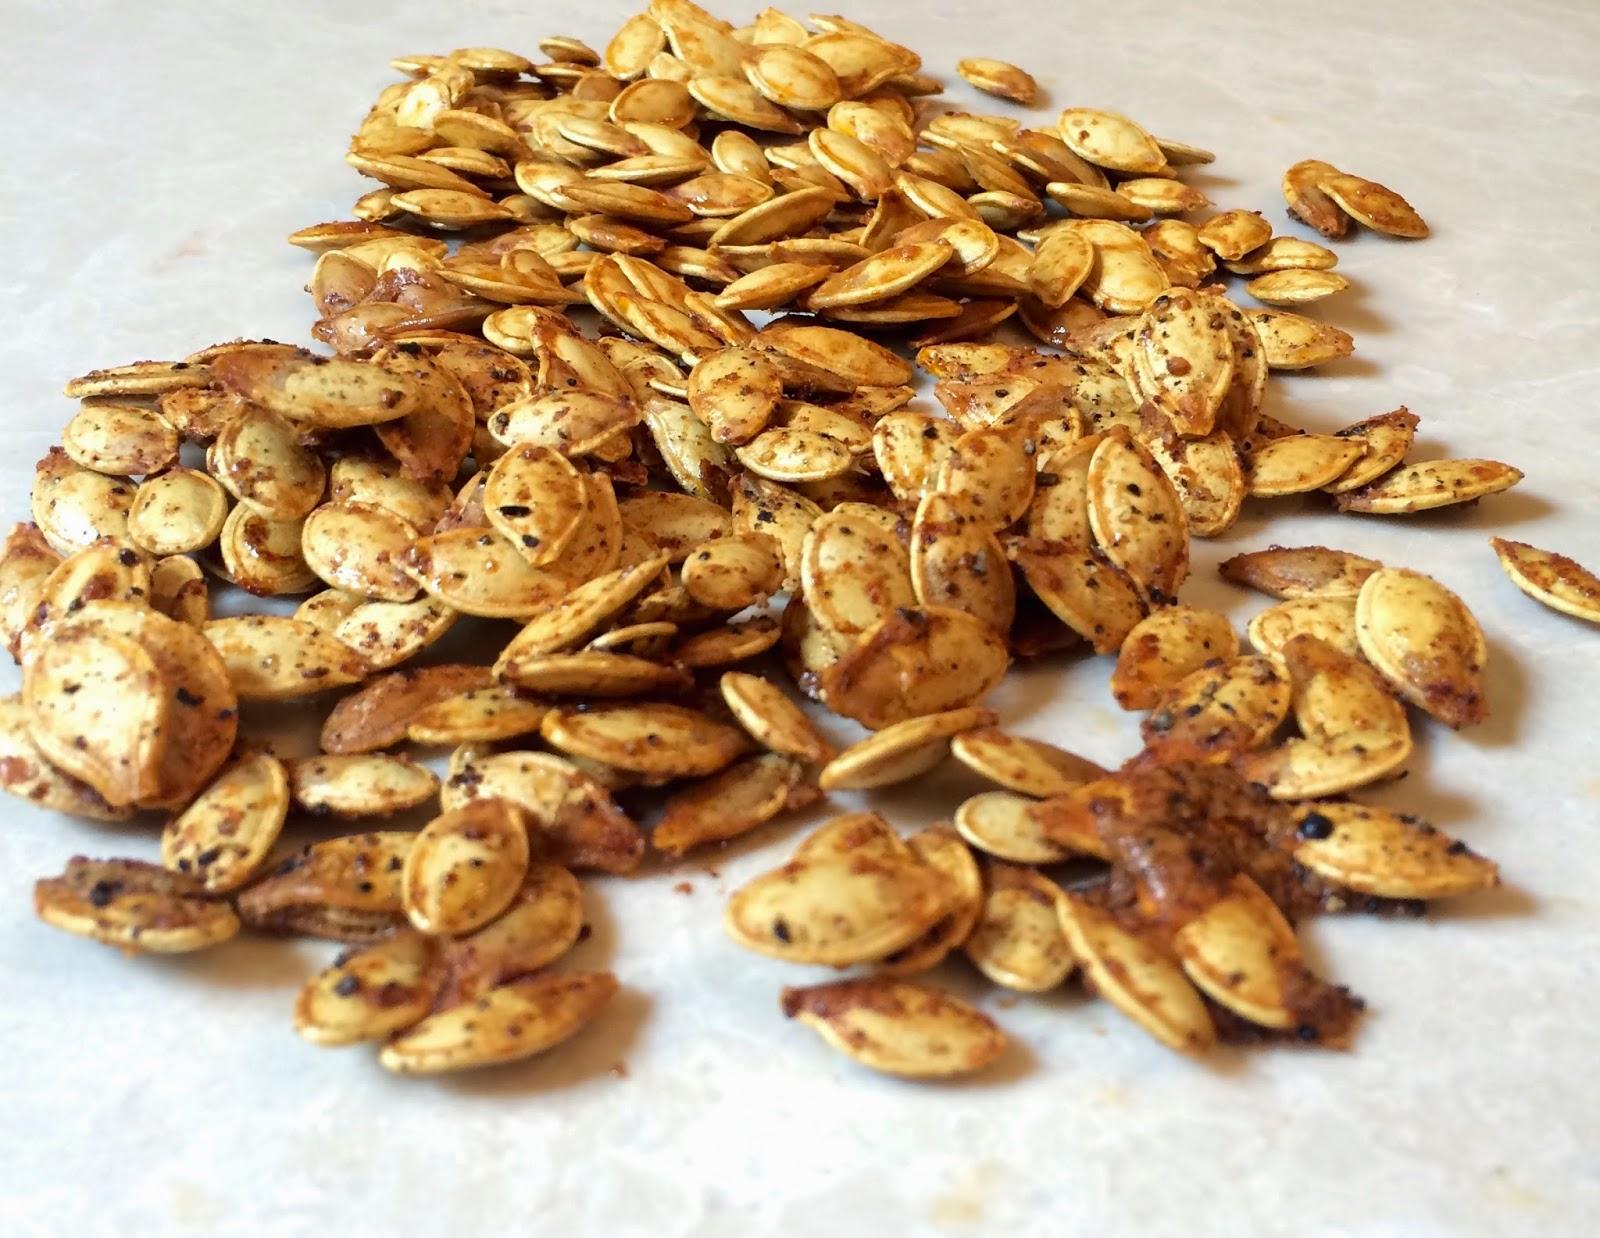 DPR SKN-Pumpkin Seeds.jpg